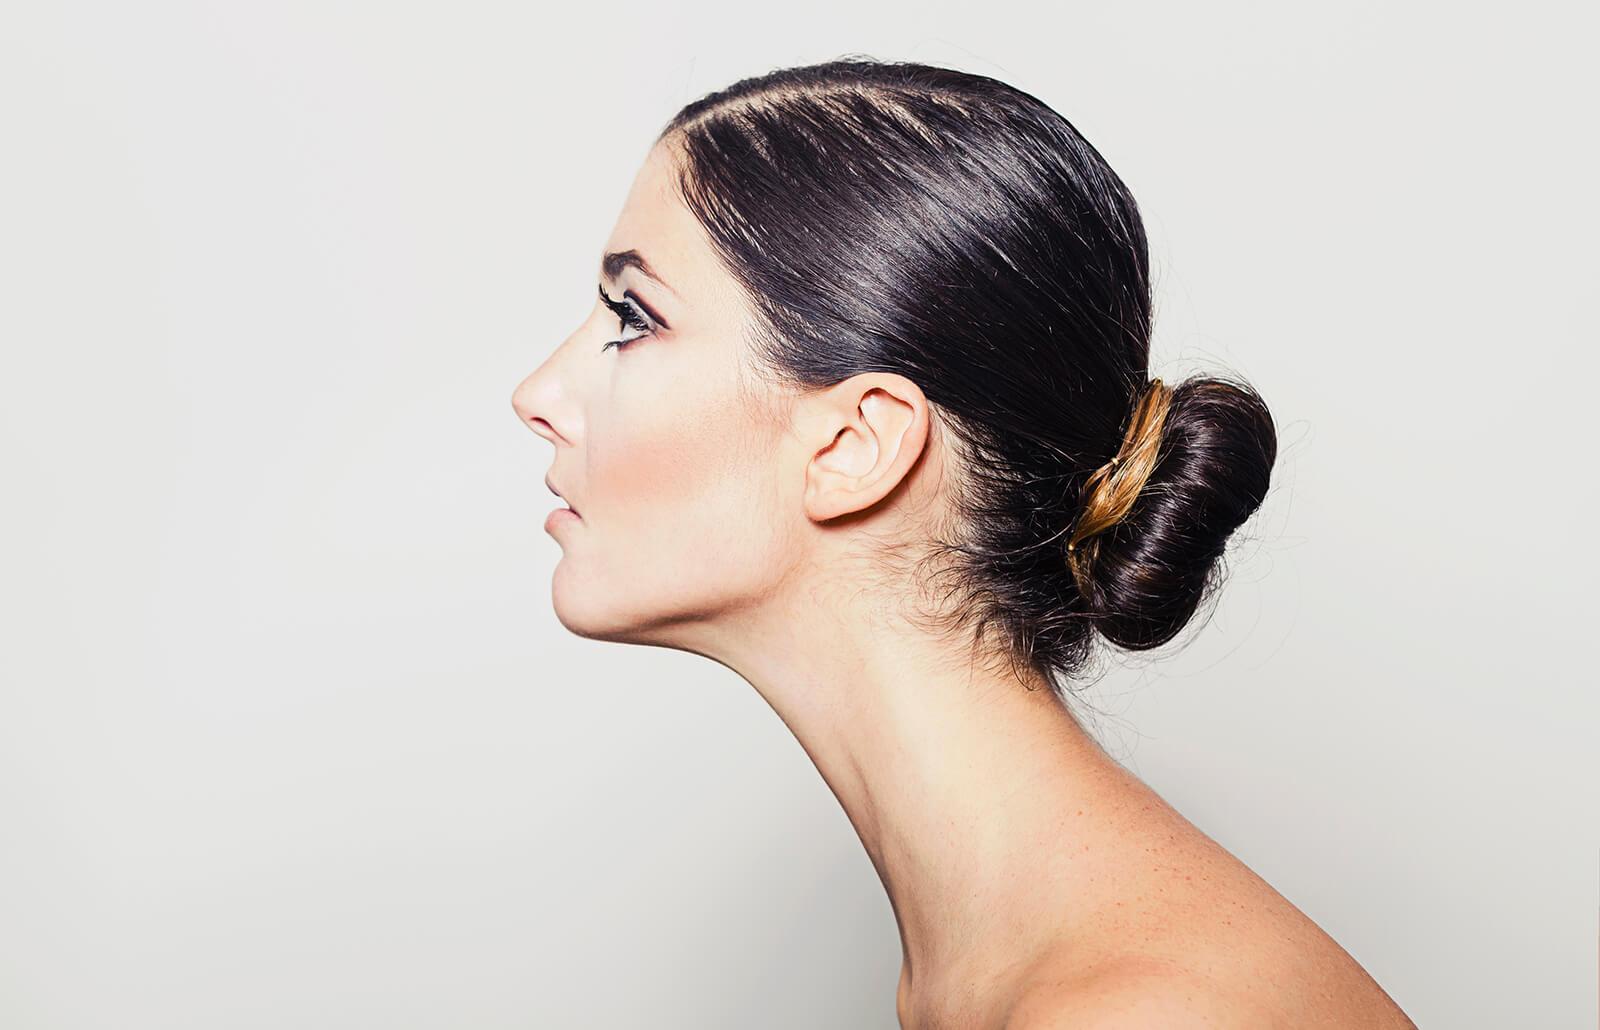 jowl exercises for necks | lovetoknow